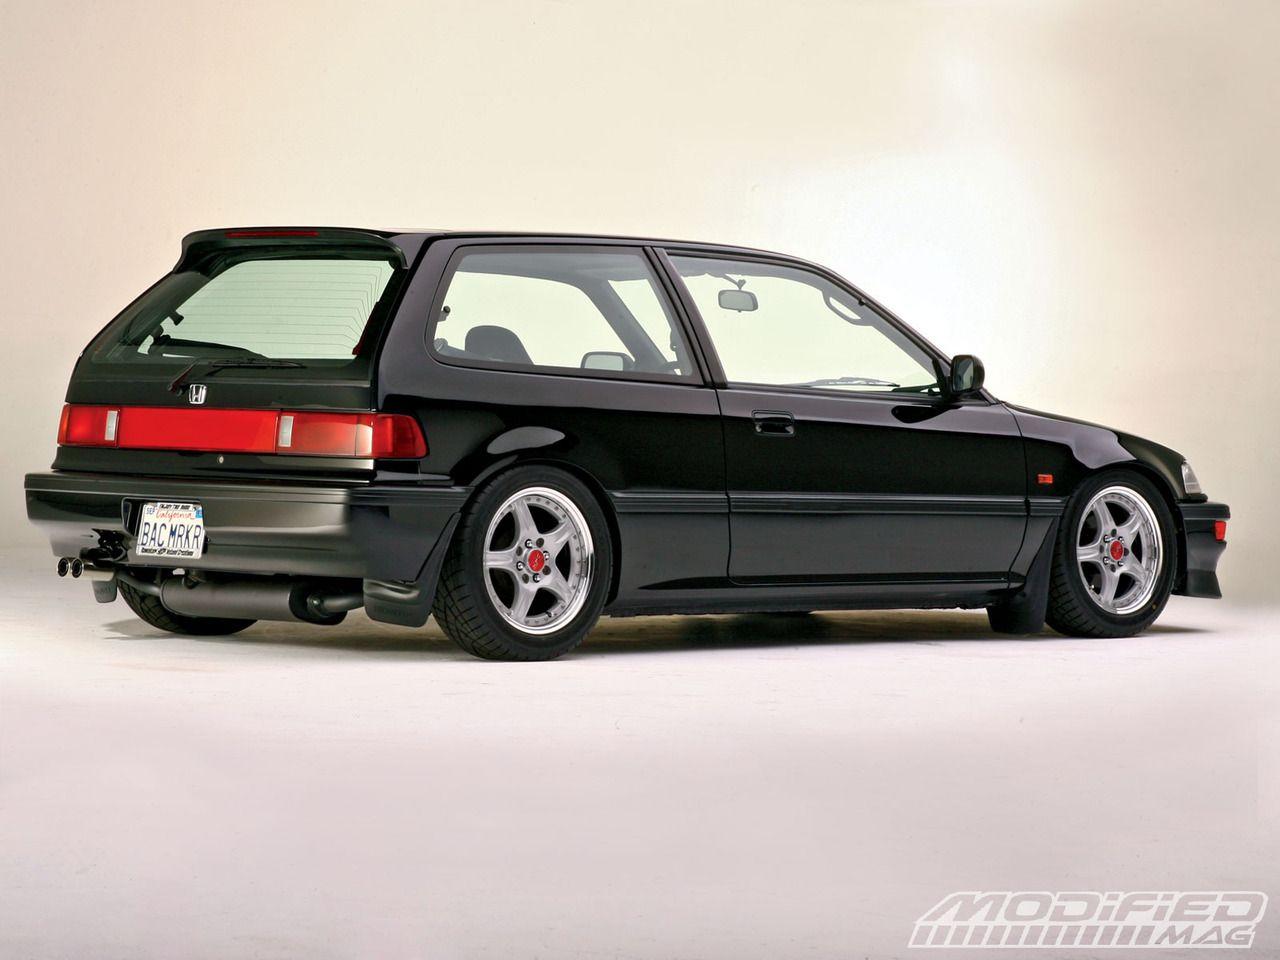 Kelebihan Kekurangan Honda Civic 1988 Top Model Tahun Ini